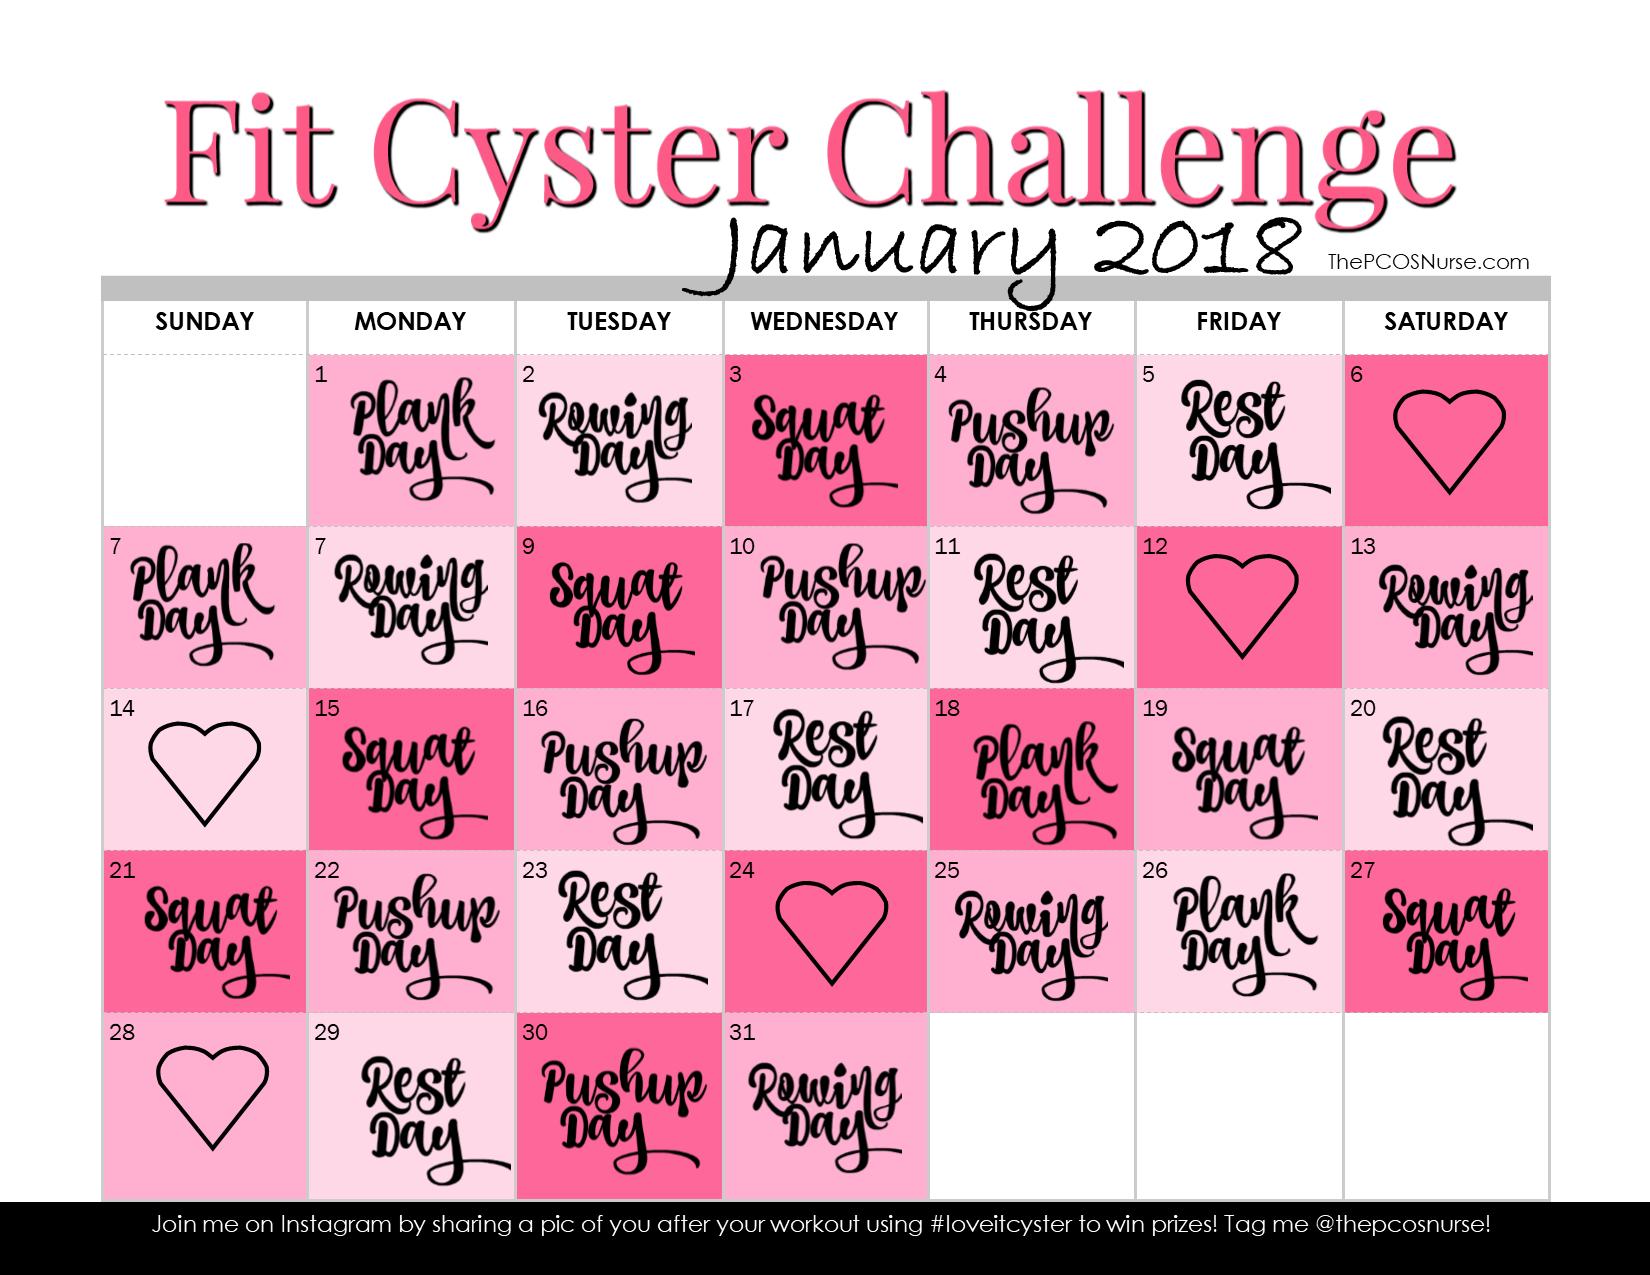 Protected January 2018 Workout Calendar